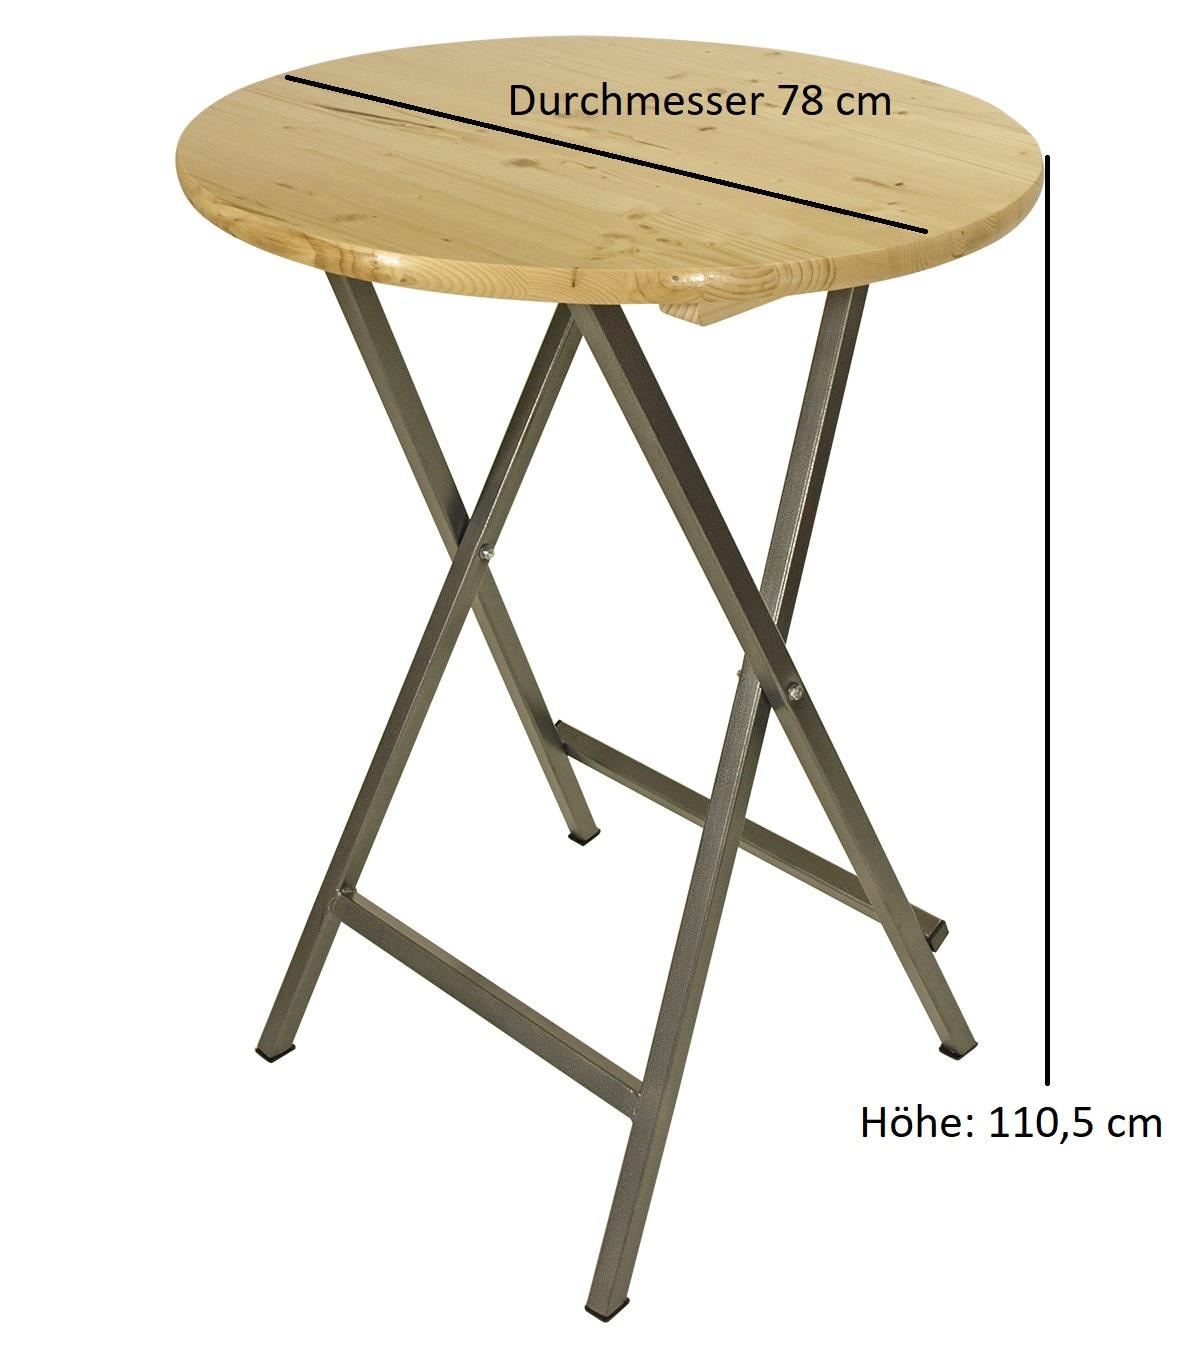 Barset BODEGA 6-teilig mit Stehtisch 78cm rund klappbar und Husse